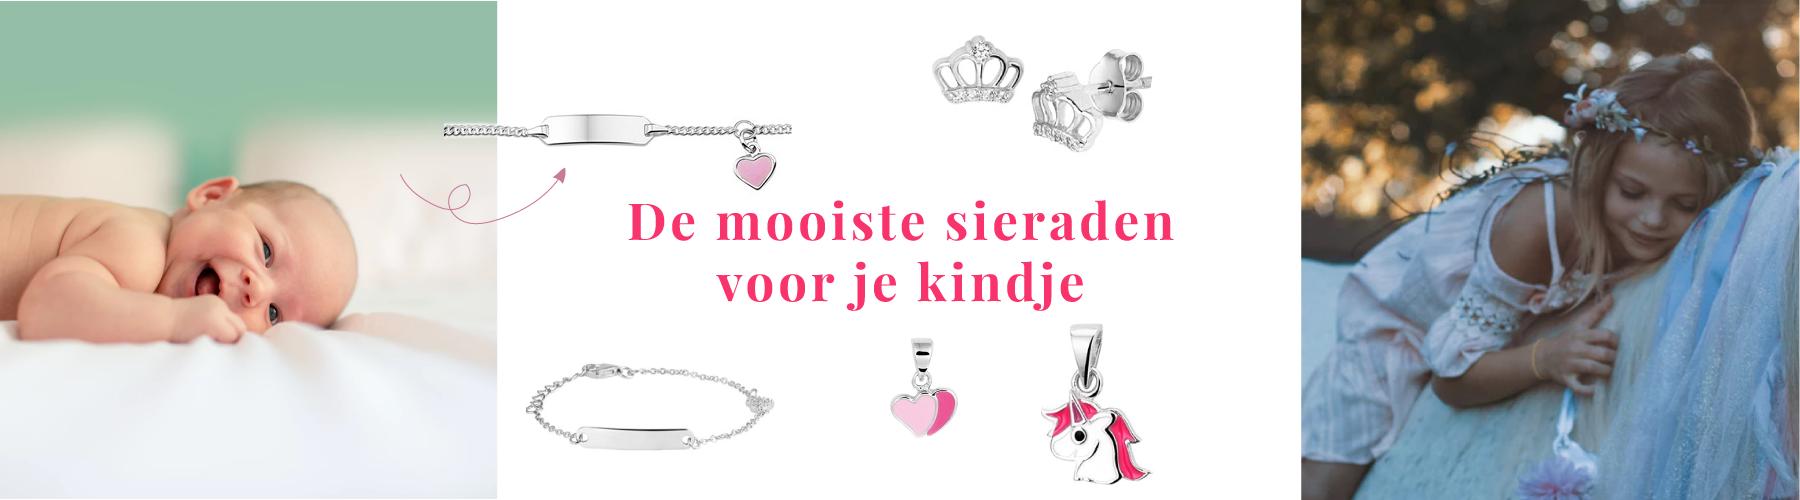 Sieraden-voor-kinderen,-zilveren-armbandjes,-ringetjes,-oorknopjes-bij-Wolters-Juweleirs-Coevoren-Emmen